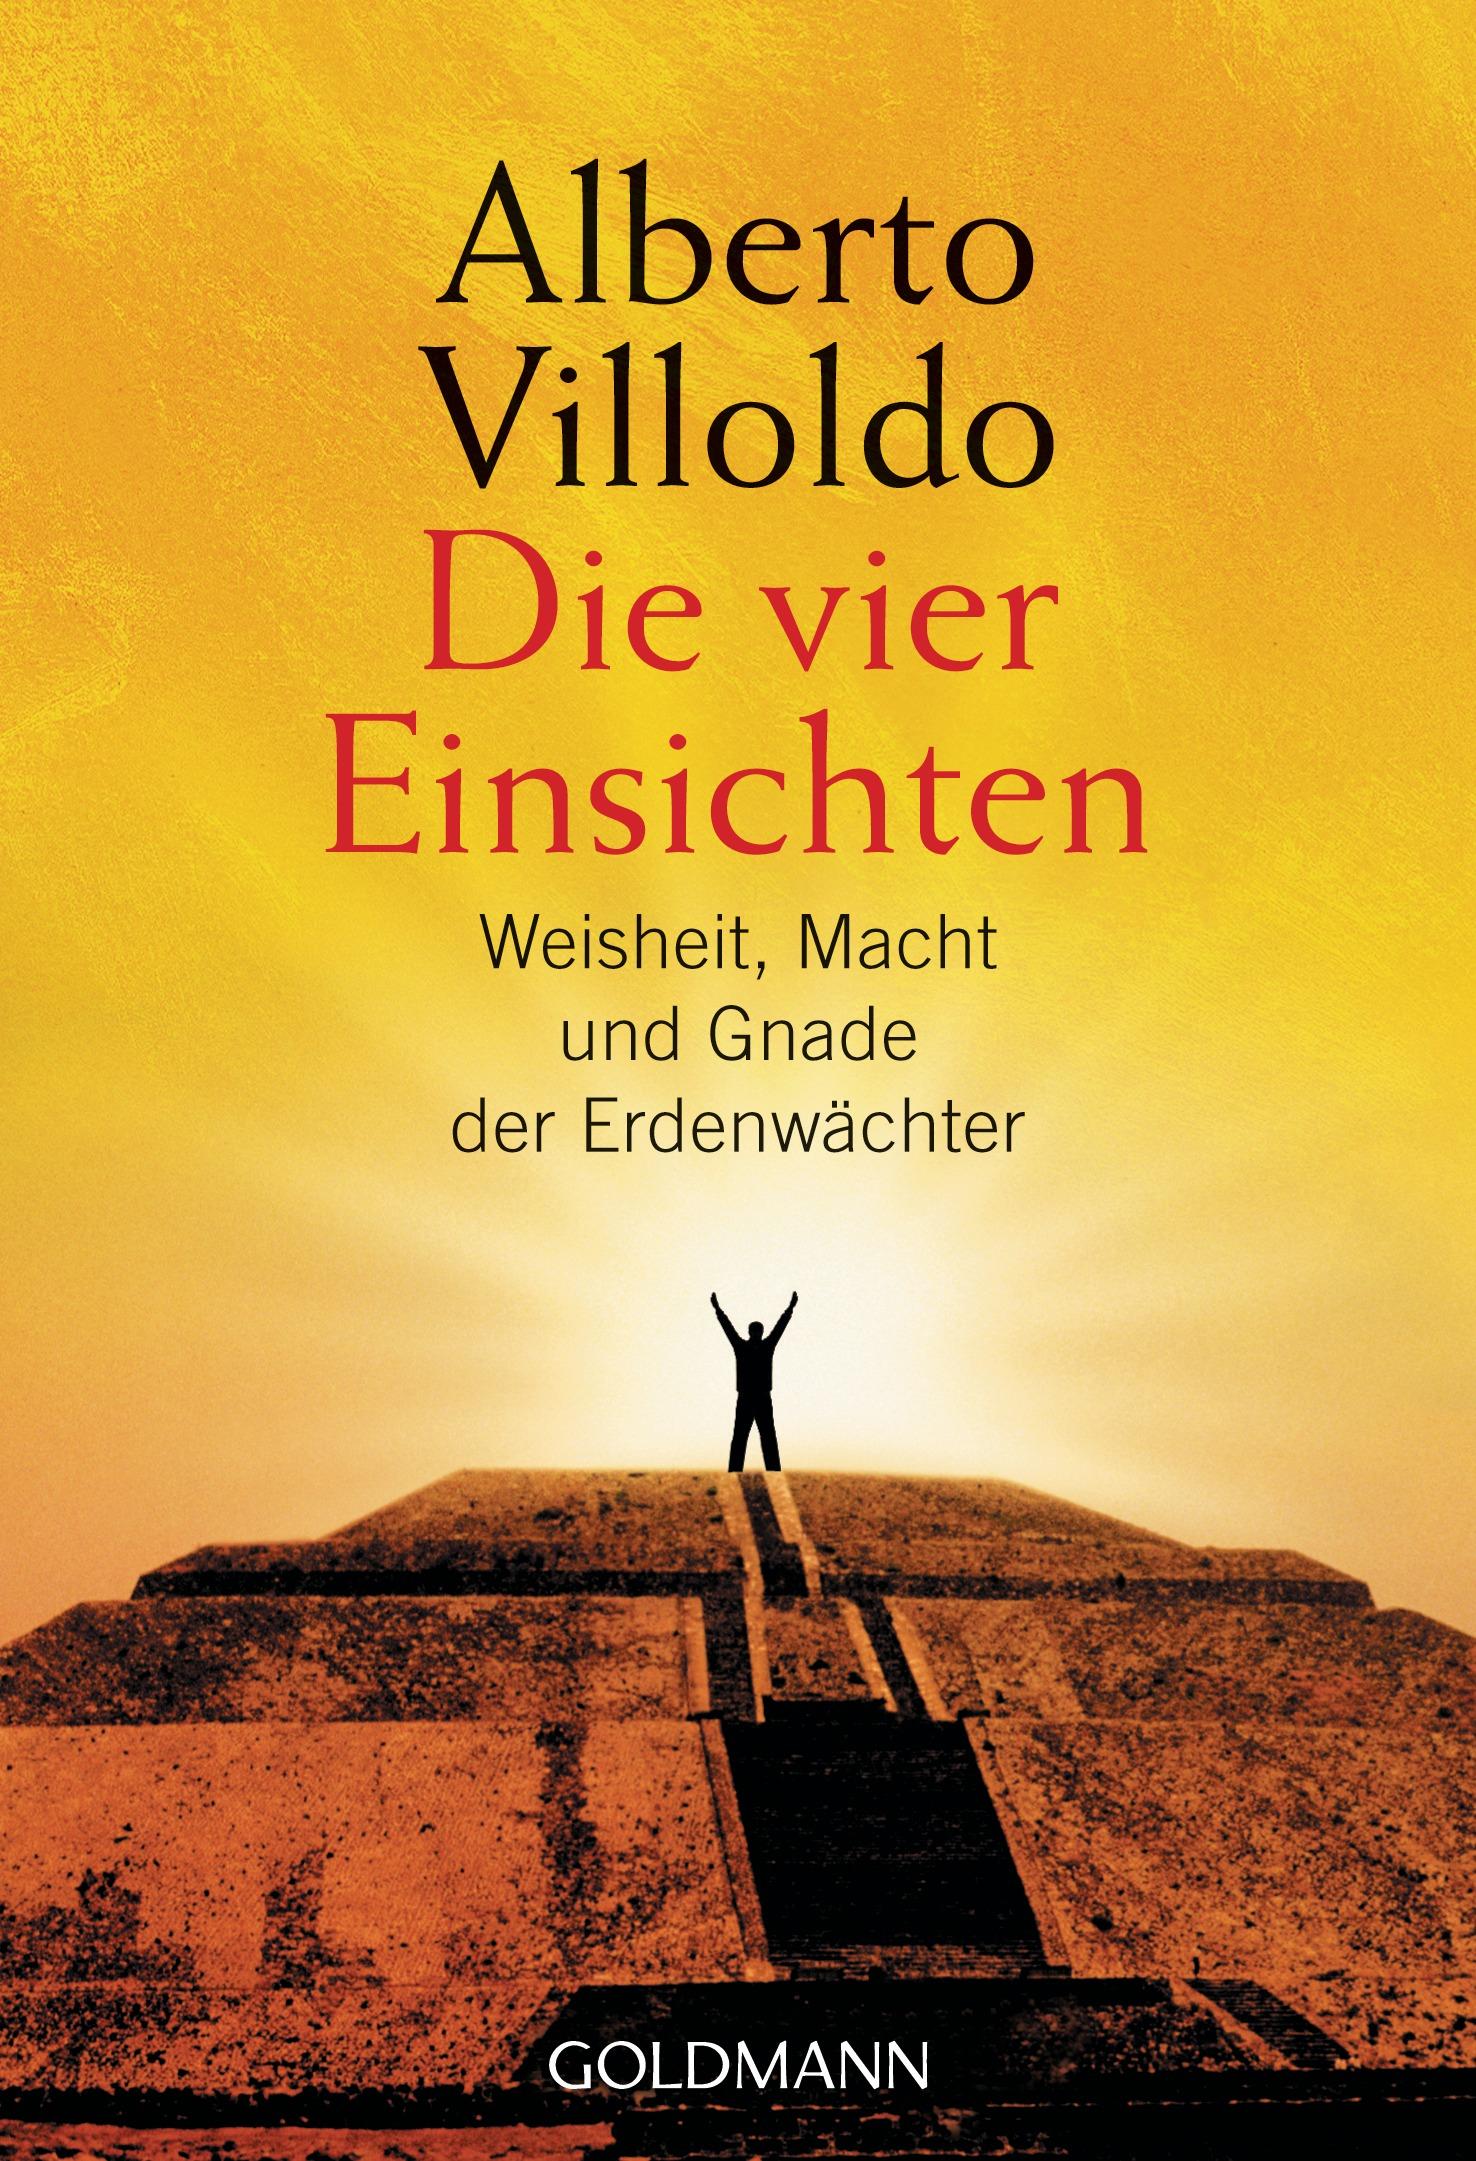 Die vier Einsichten: Weisheit, Macht und Gnade der Erdenwächter - Alberto Villoldo